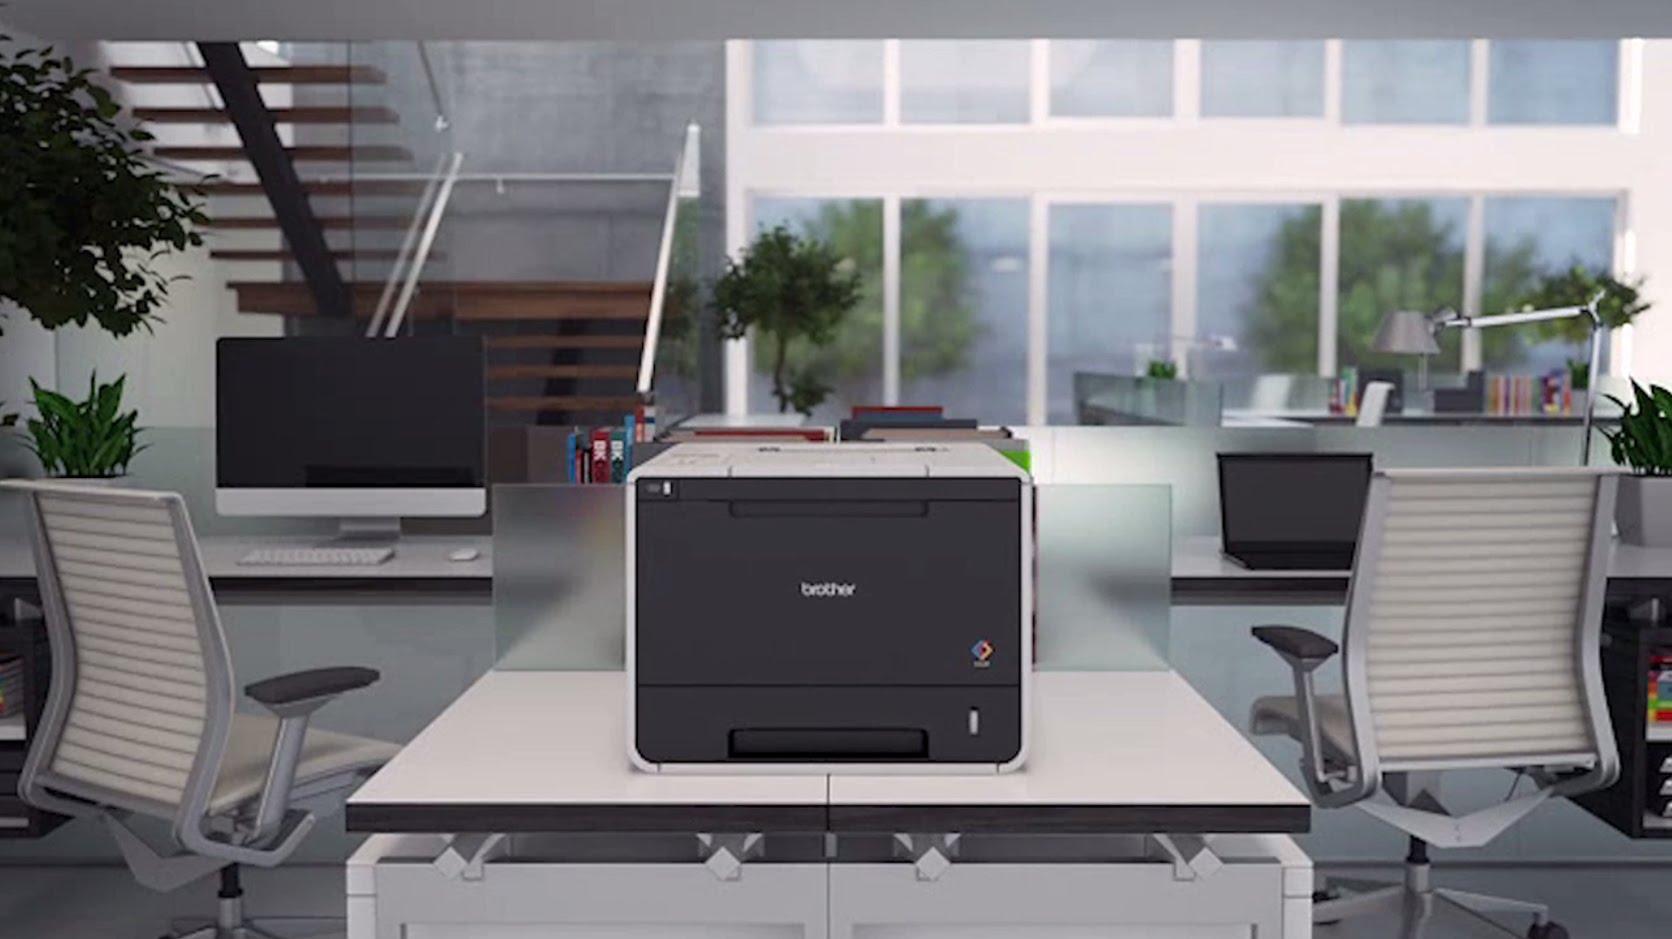 Download Brother HL-L2300D Monochrome Laser Printer Driver